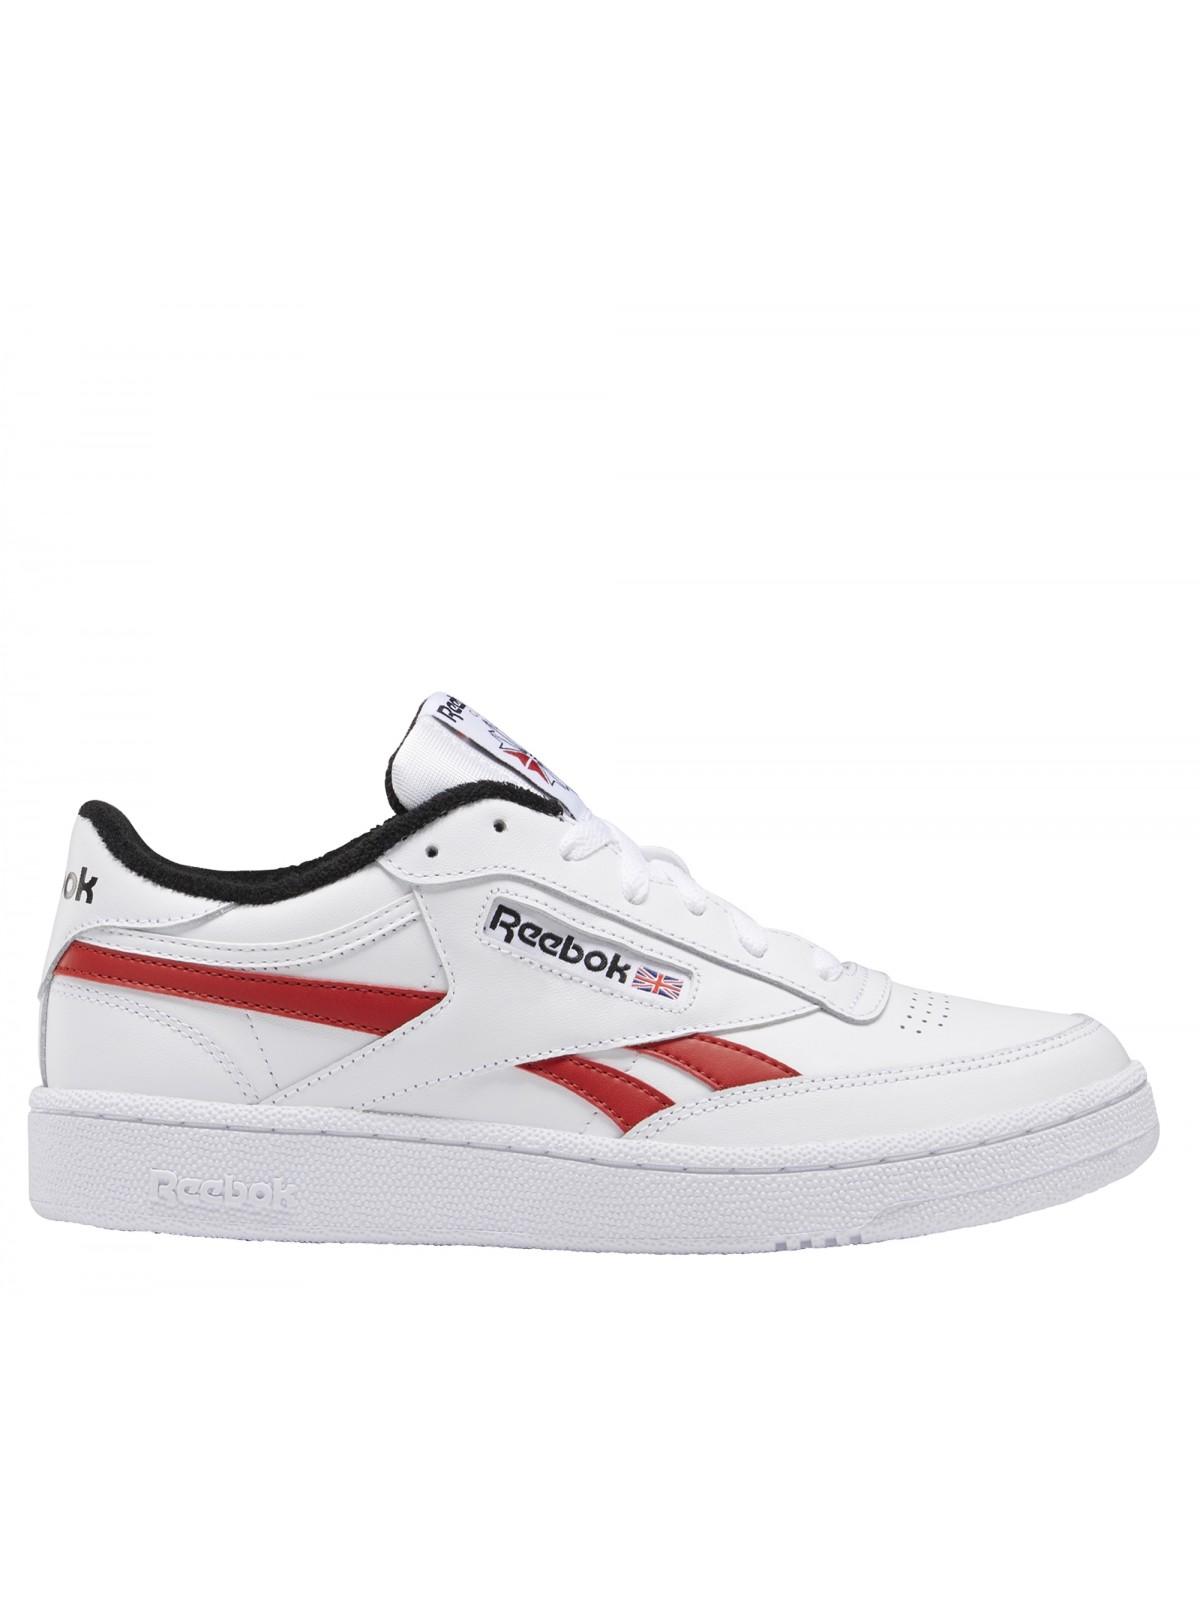 REEBOK Club C85 cuir blanc rouge marine